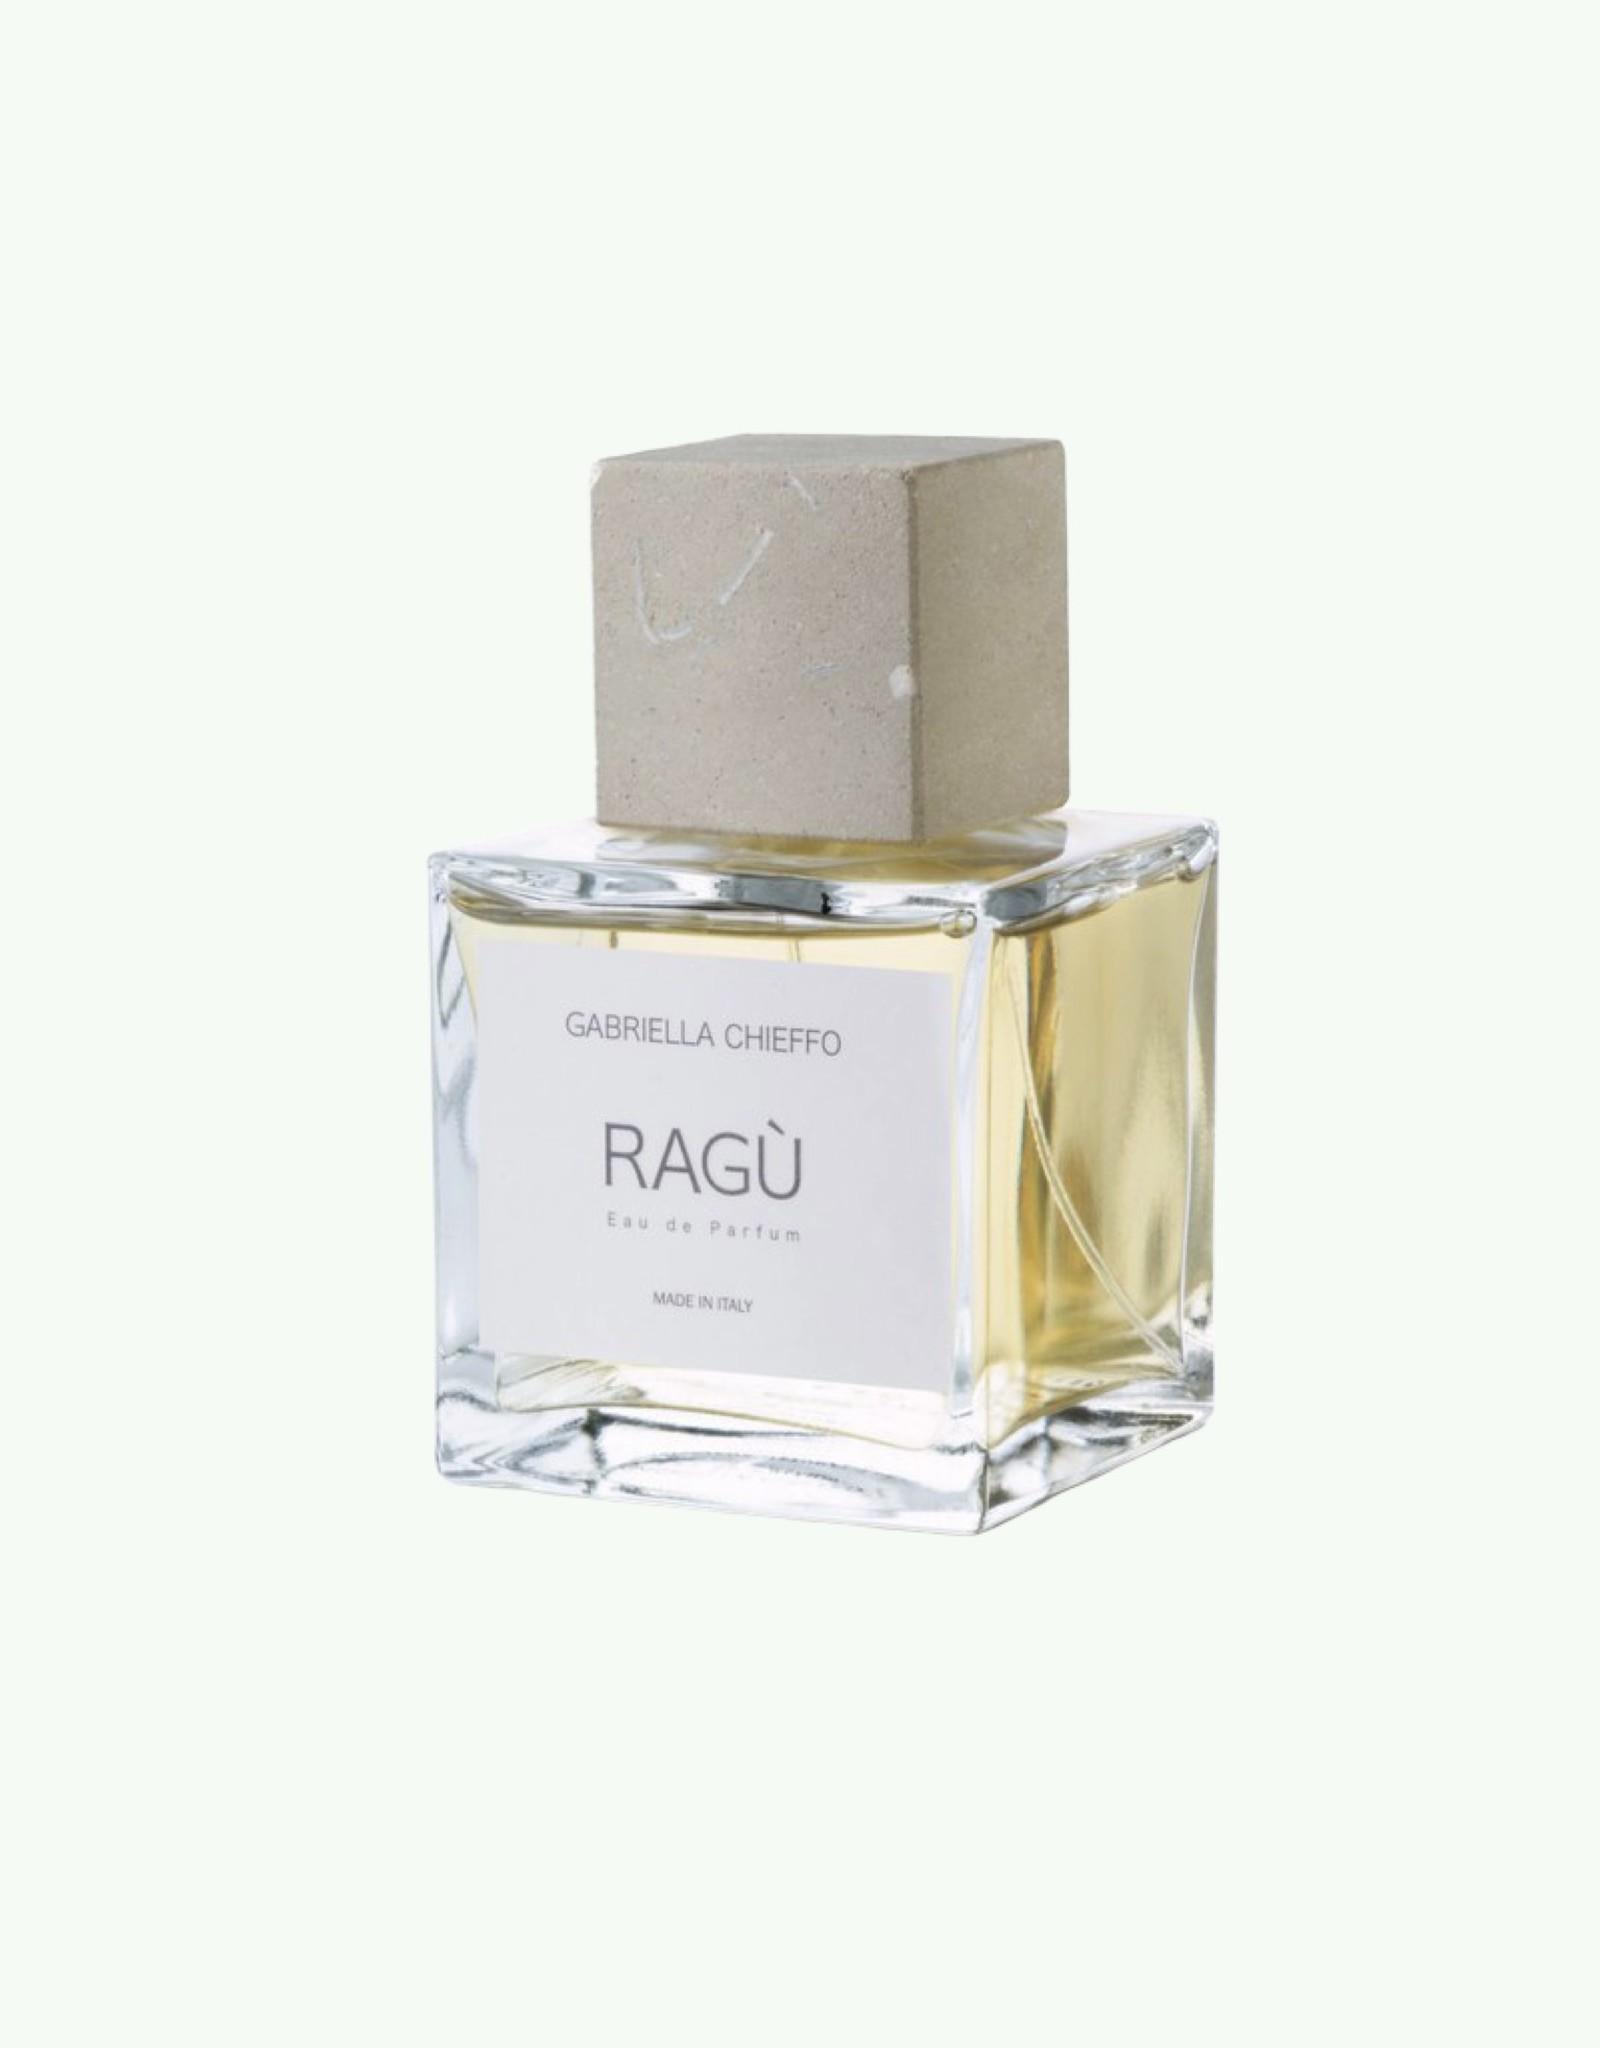 Gabriella Chieffo Gabriella Chieffo - Ragù - Eau de Parfum